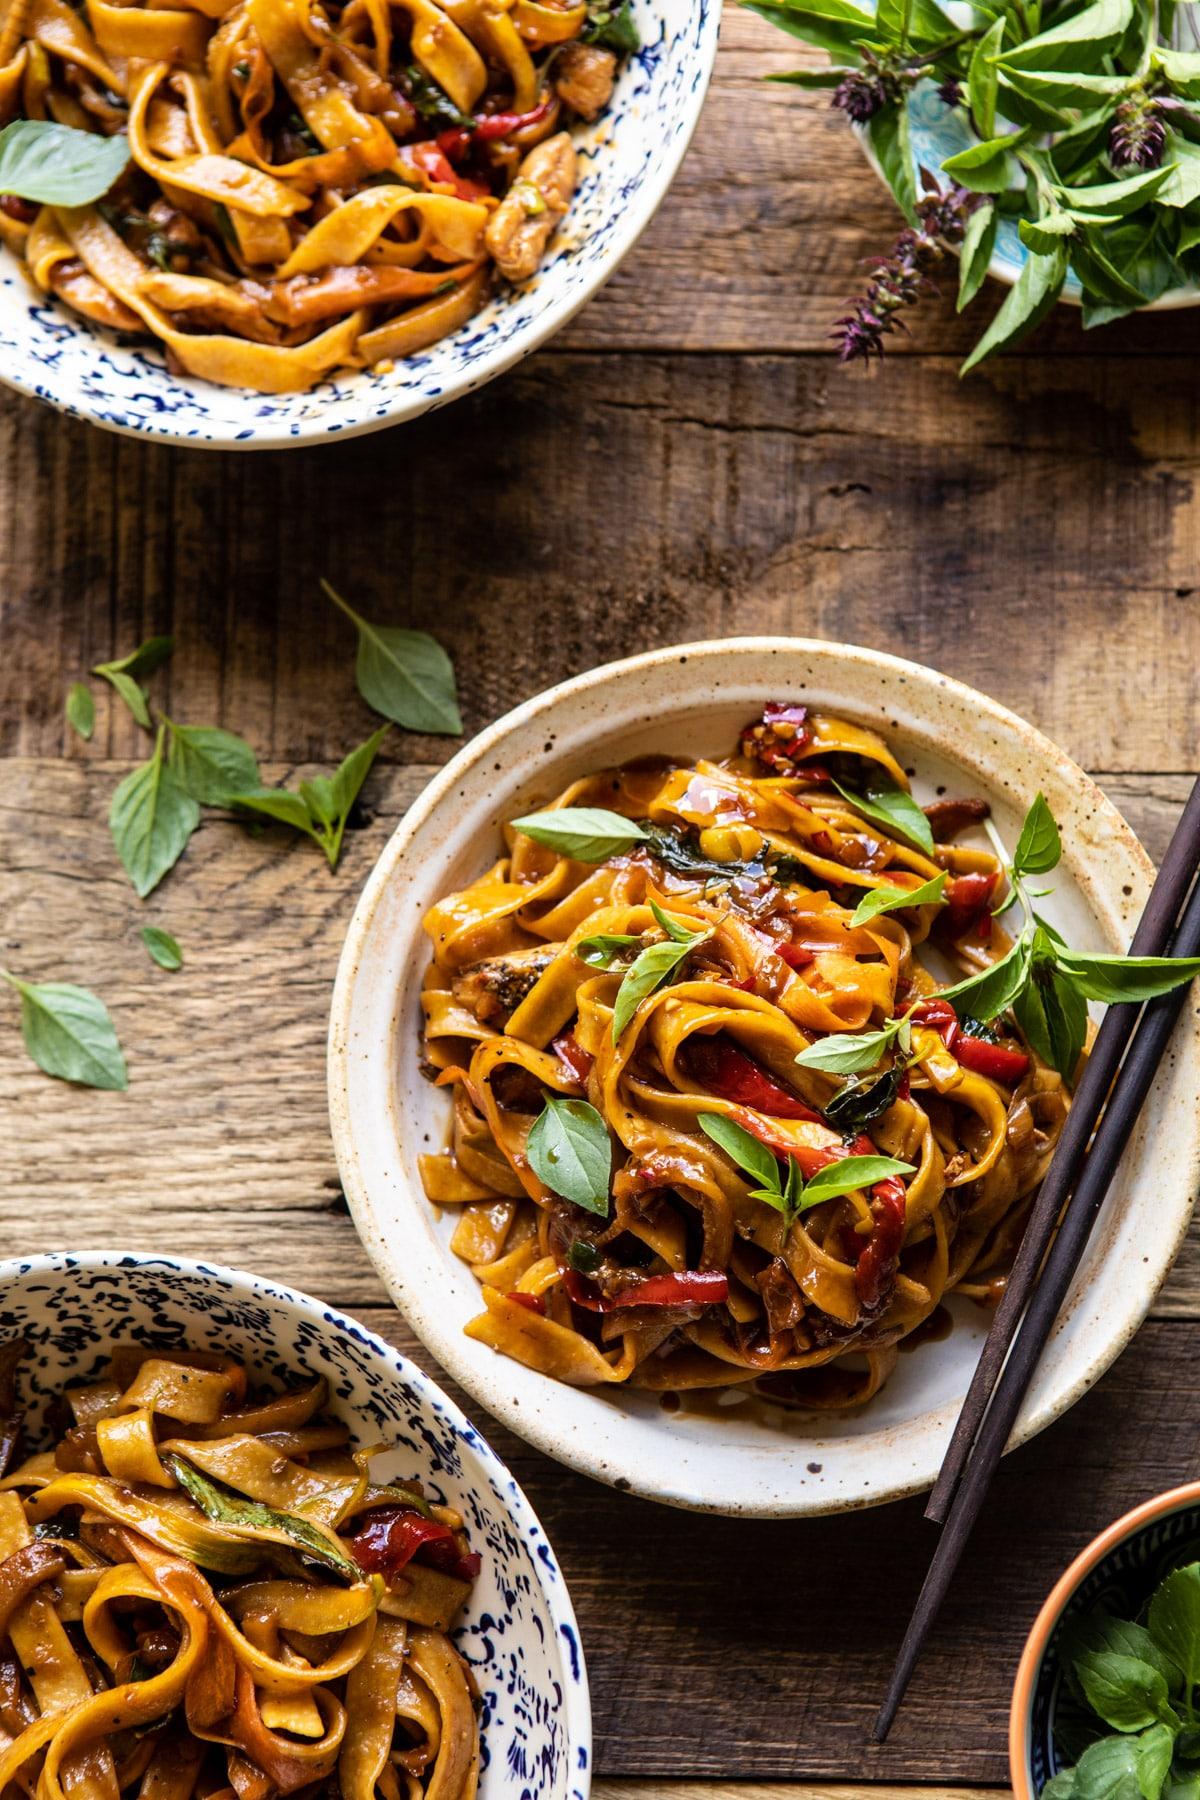 Better-Than-Takeout-Thai-Drunken-Noodles-1.jpg